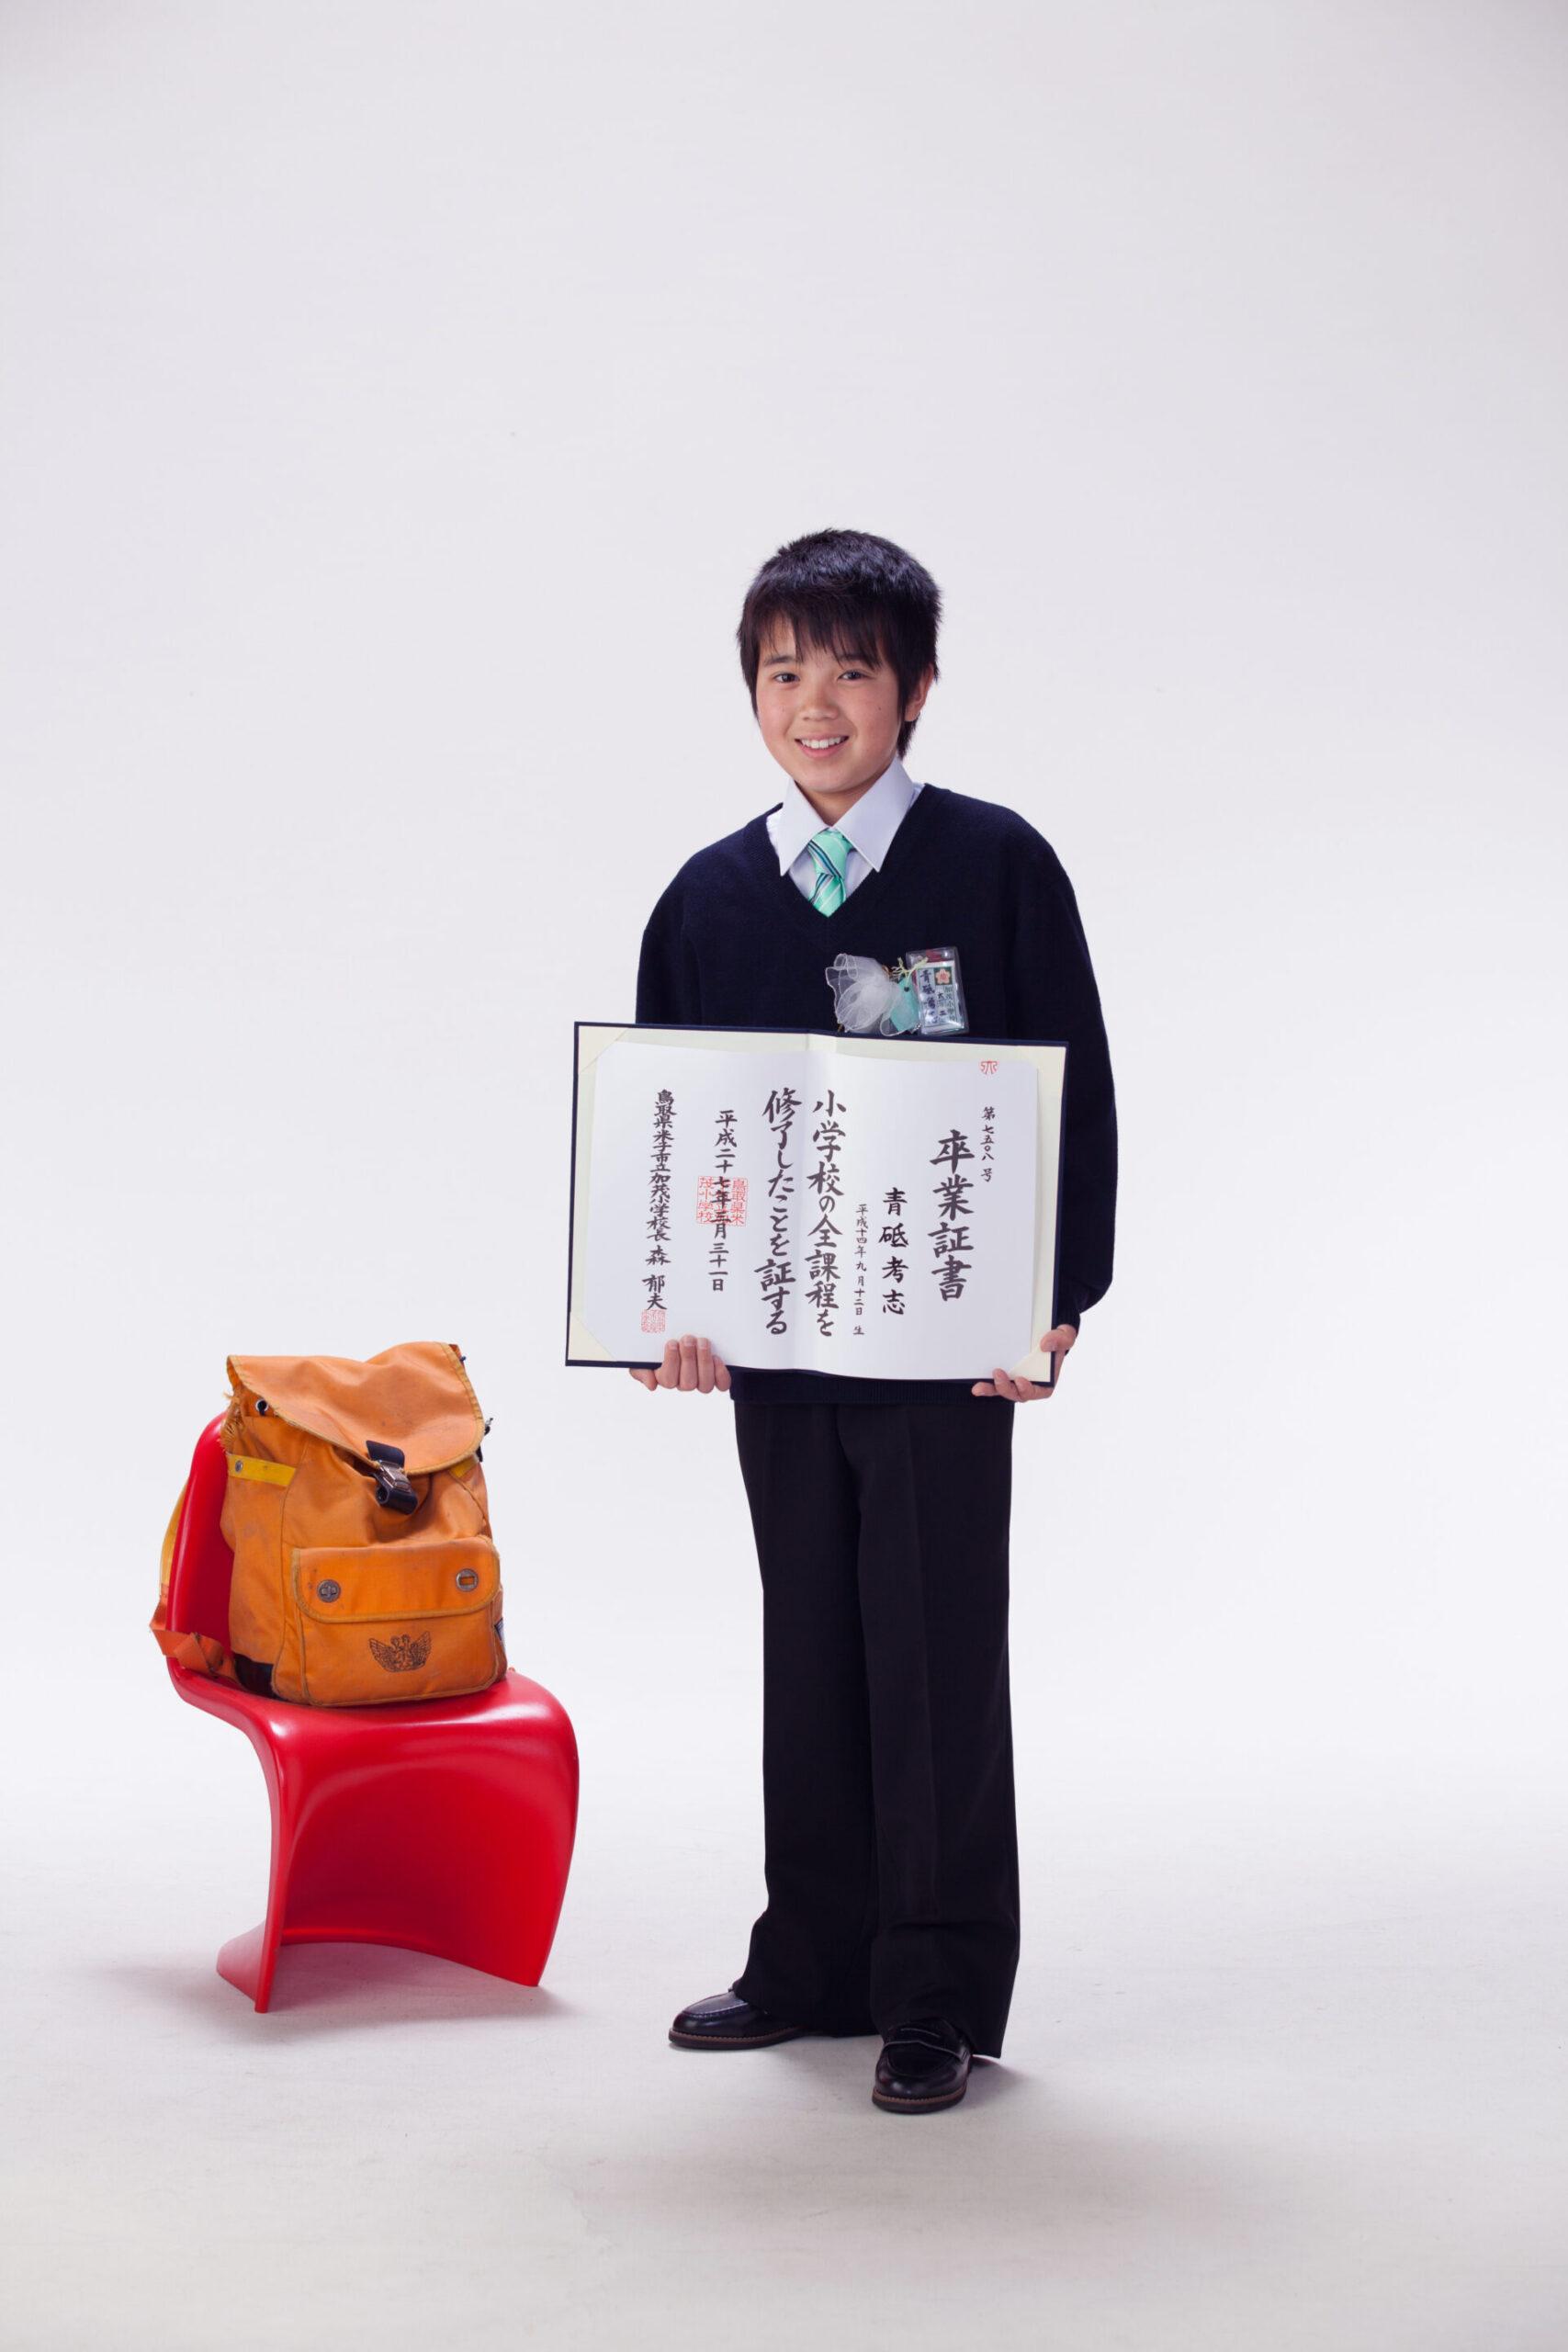 みなみフォトデザイン卒業写真